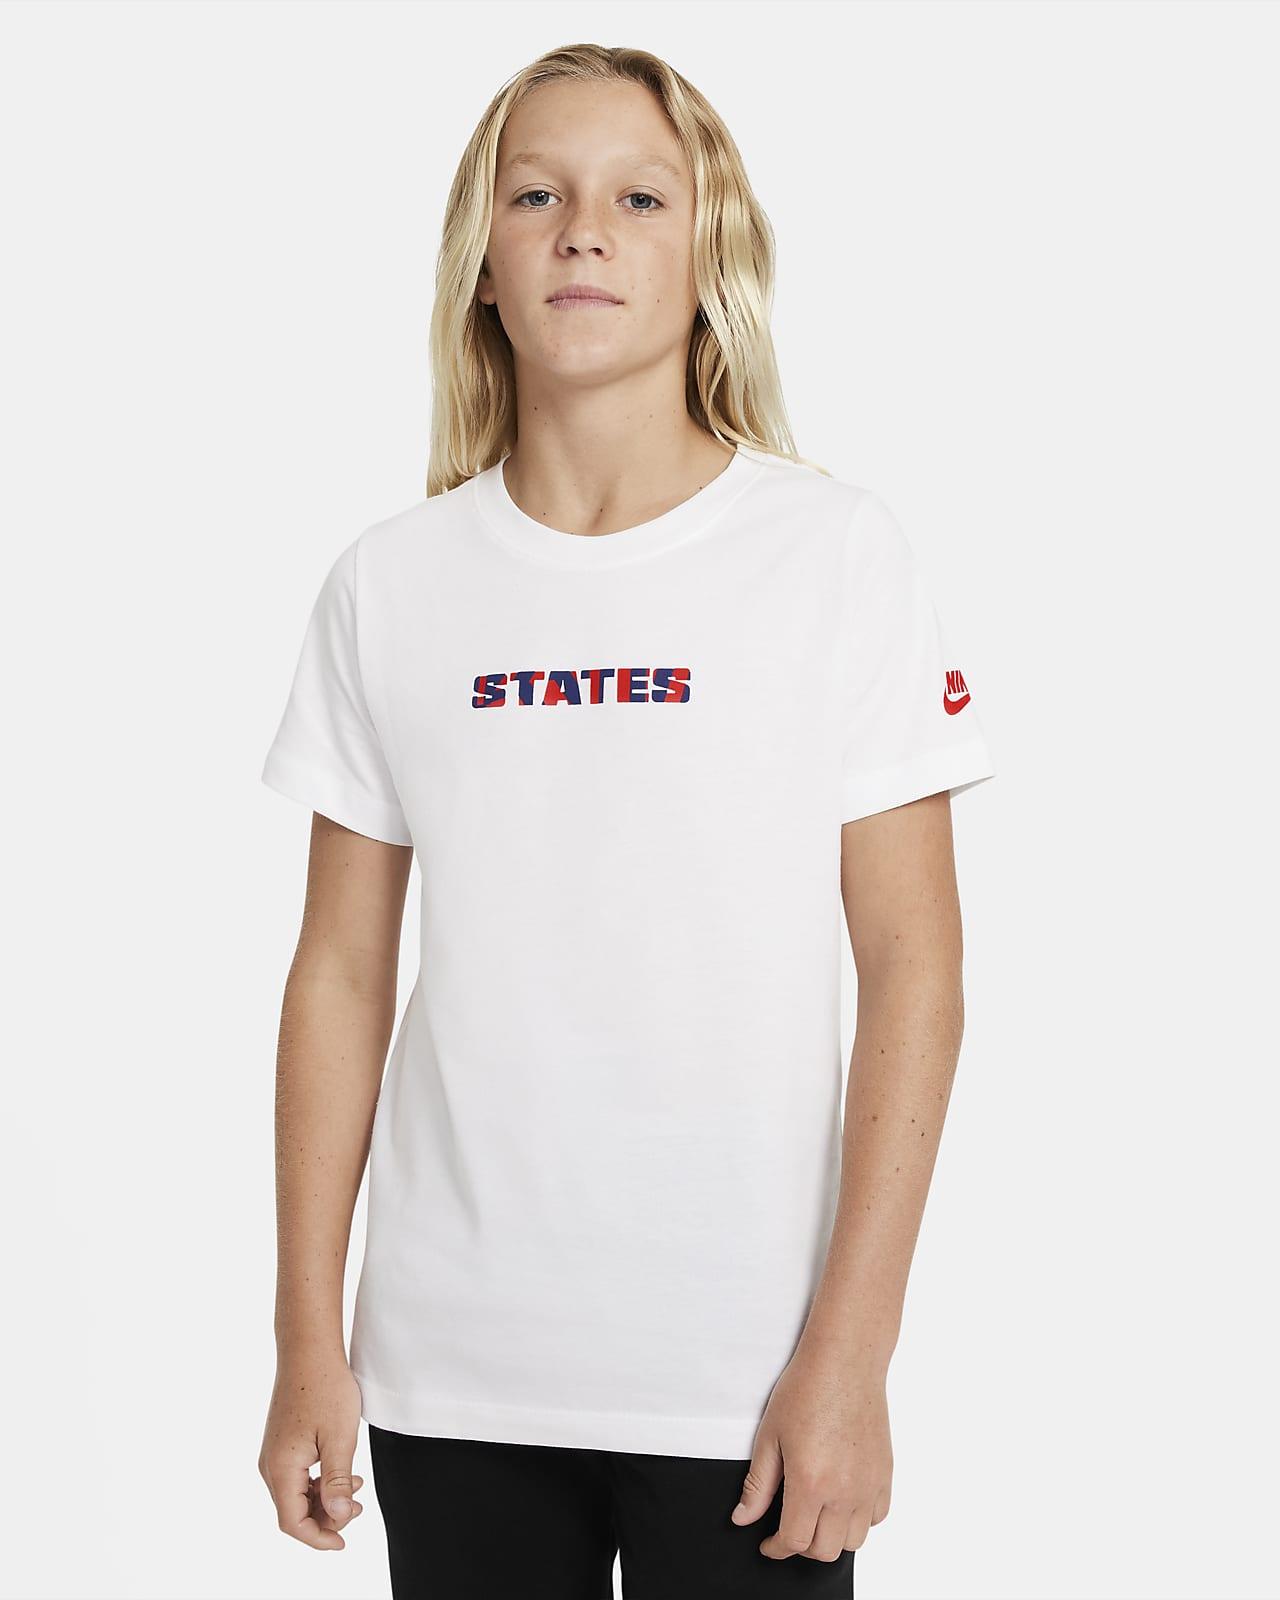 U.S. Big Kids' T-Shirt